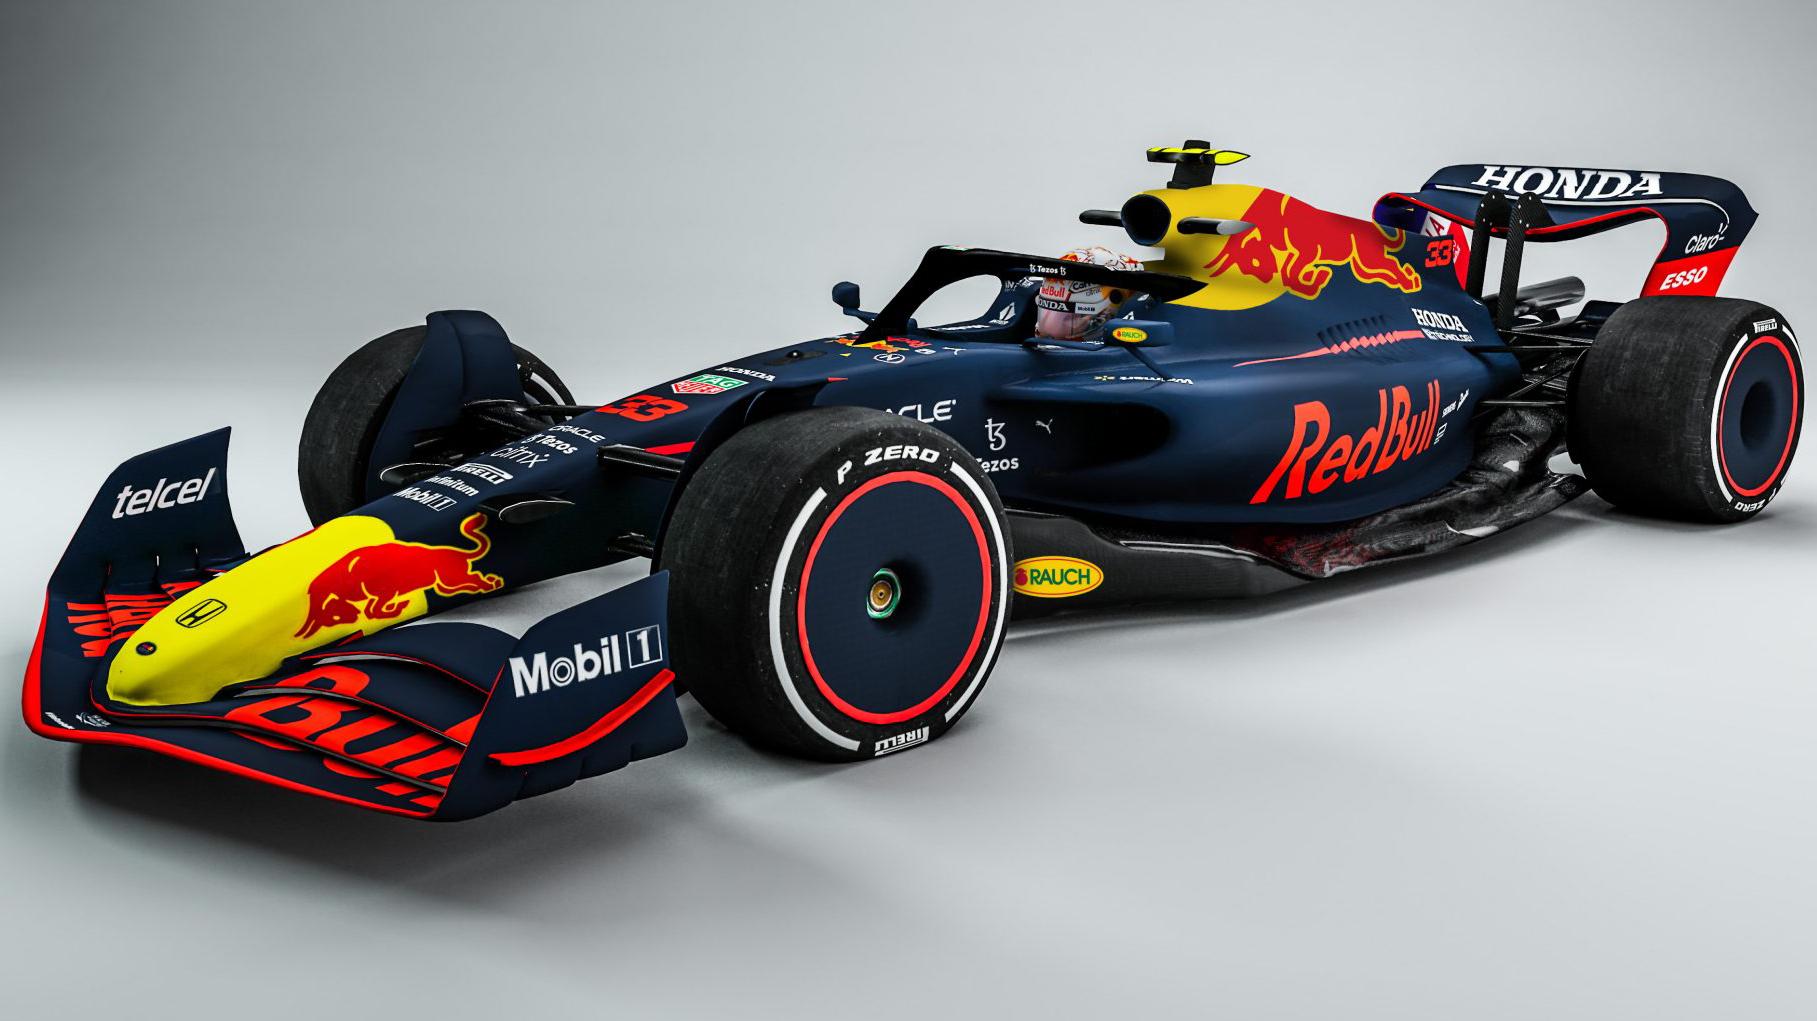 F1-RED-BULL-2022.jpg